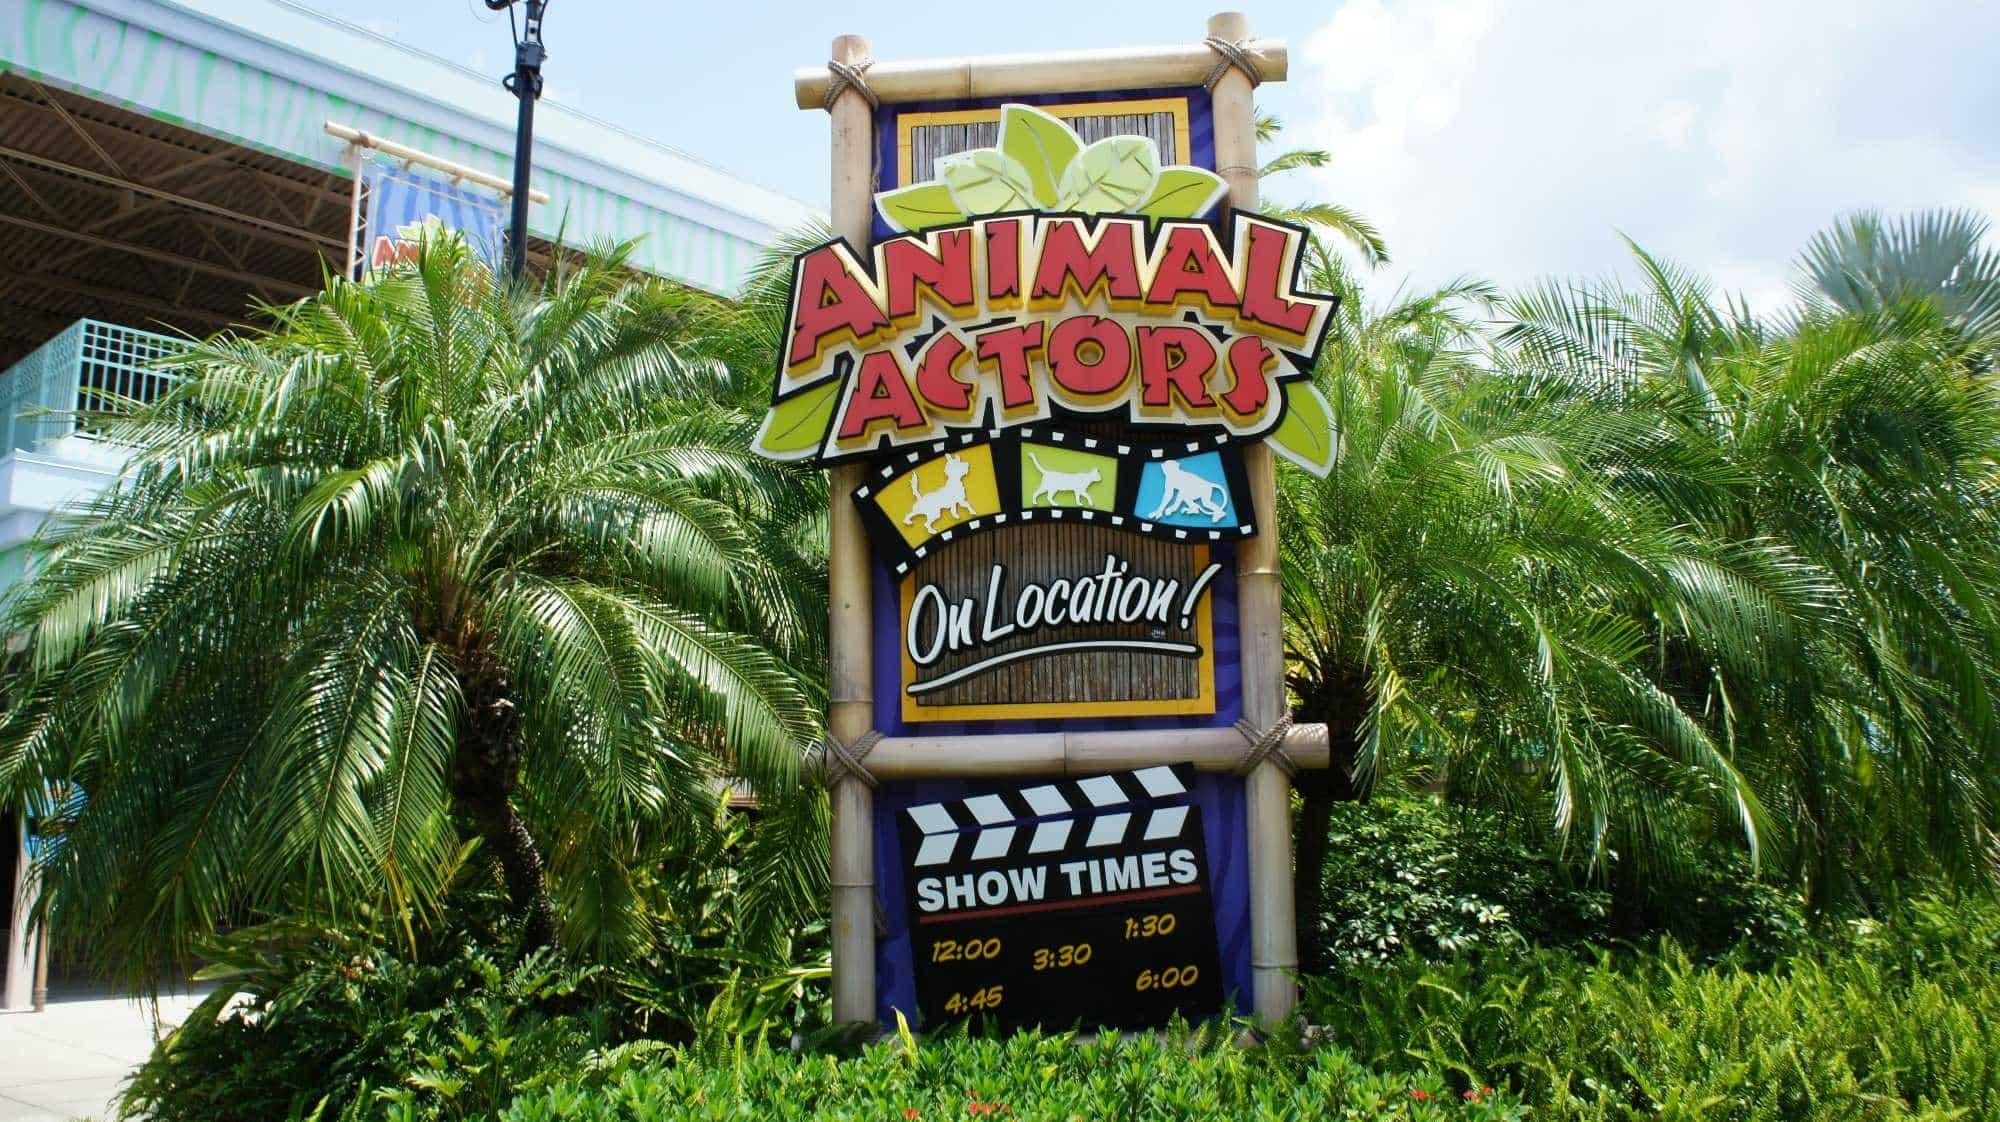 Shows, paradas e apresentações no parque Universal Studios em Orlando: Animal Actors On Location!